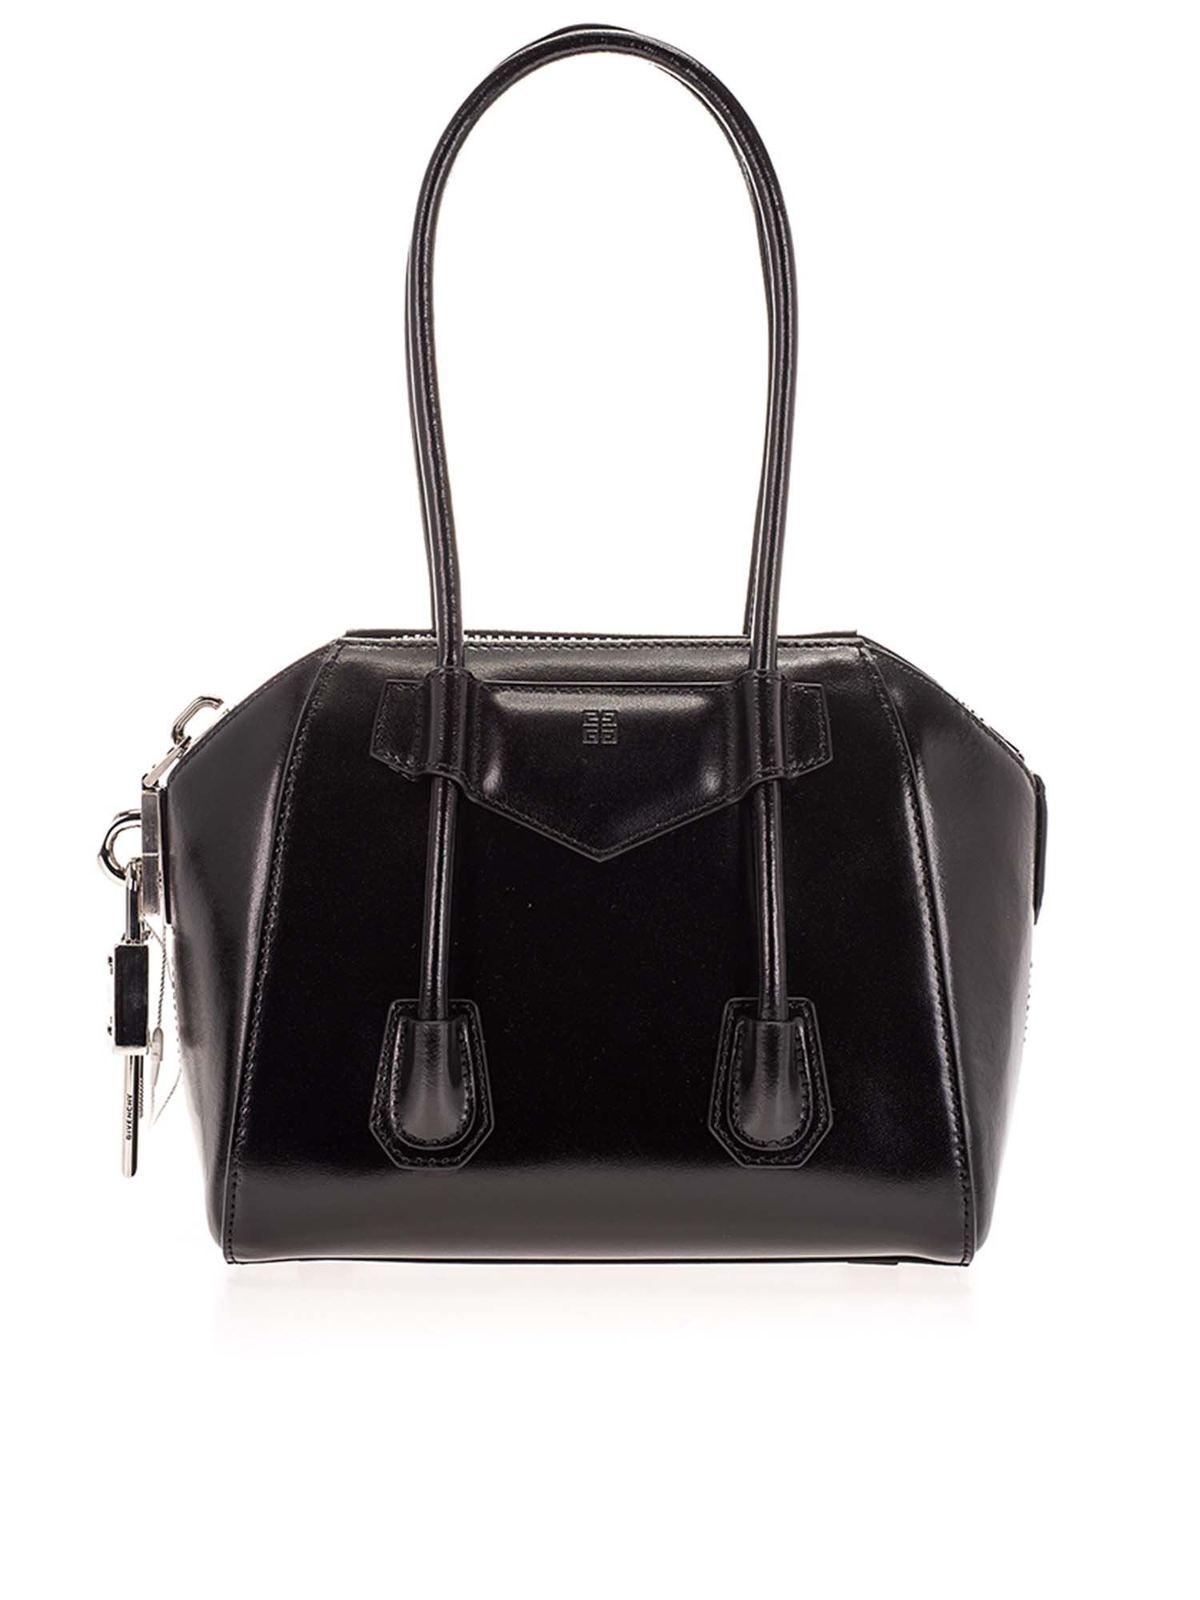 Givenchy Canvases MINI BAG ANTIGONA LOCK IN BLACK